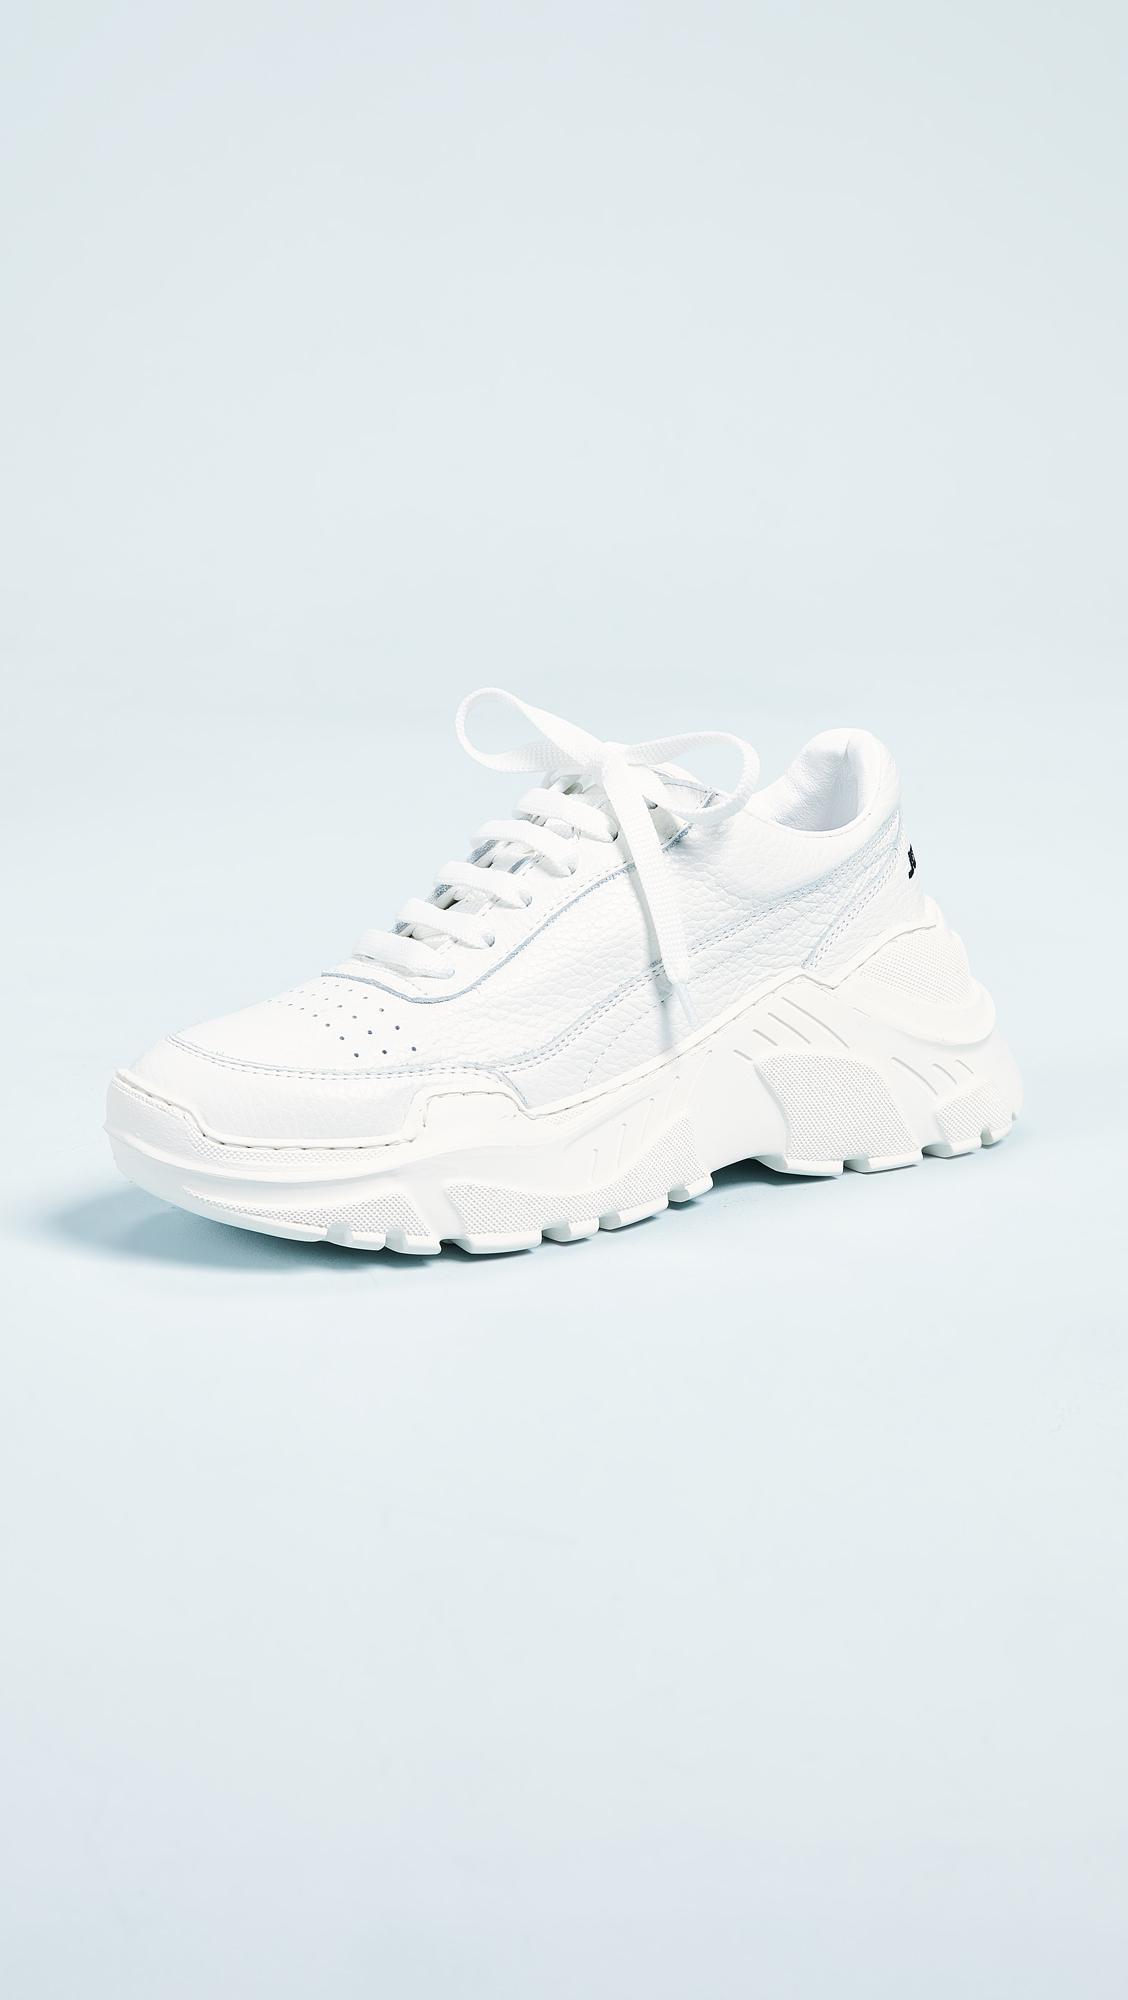 Venta Barata Exclusiva Joshua Sanders Zenith sneakers - Bianco Oficial La Mejor Venta Al Por Mayor En Línea vrSvkFd